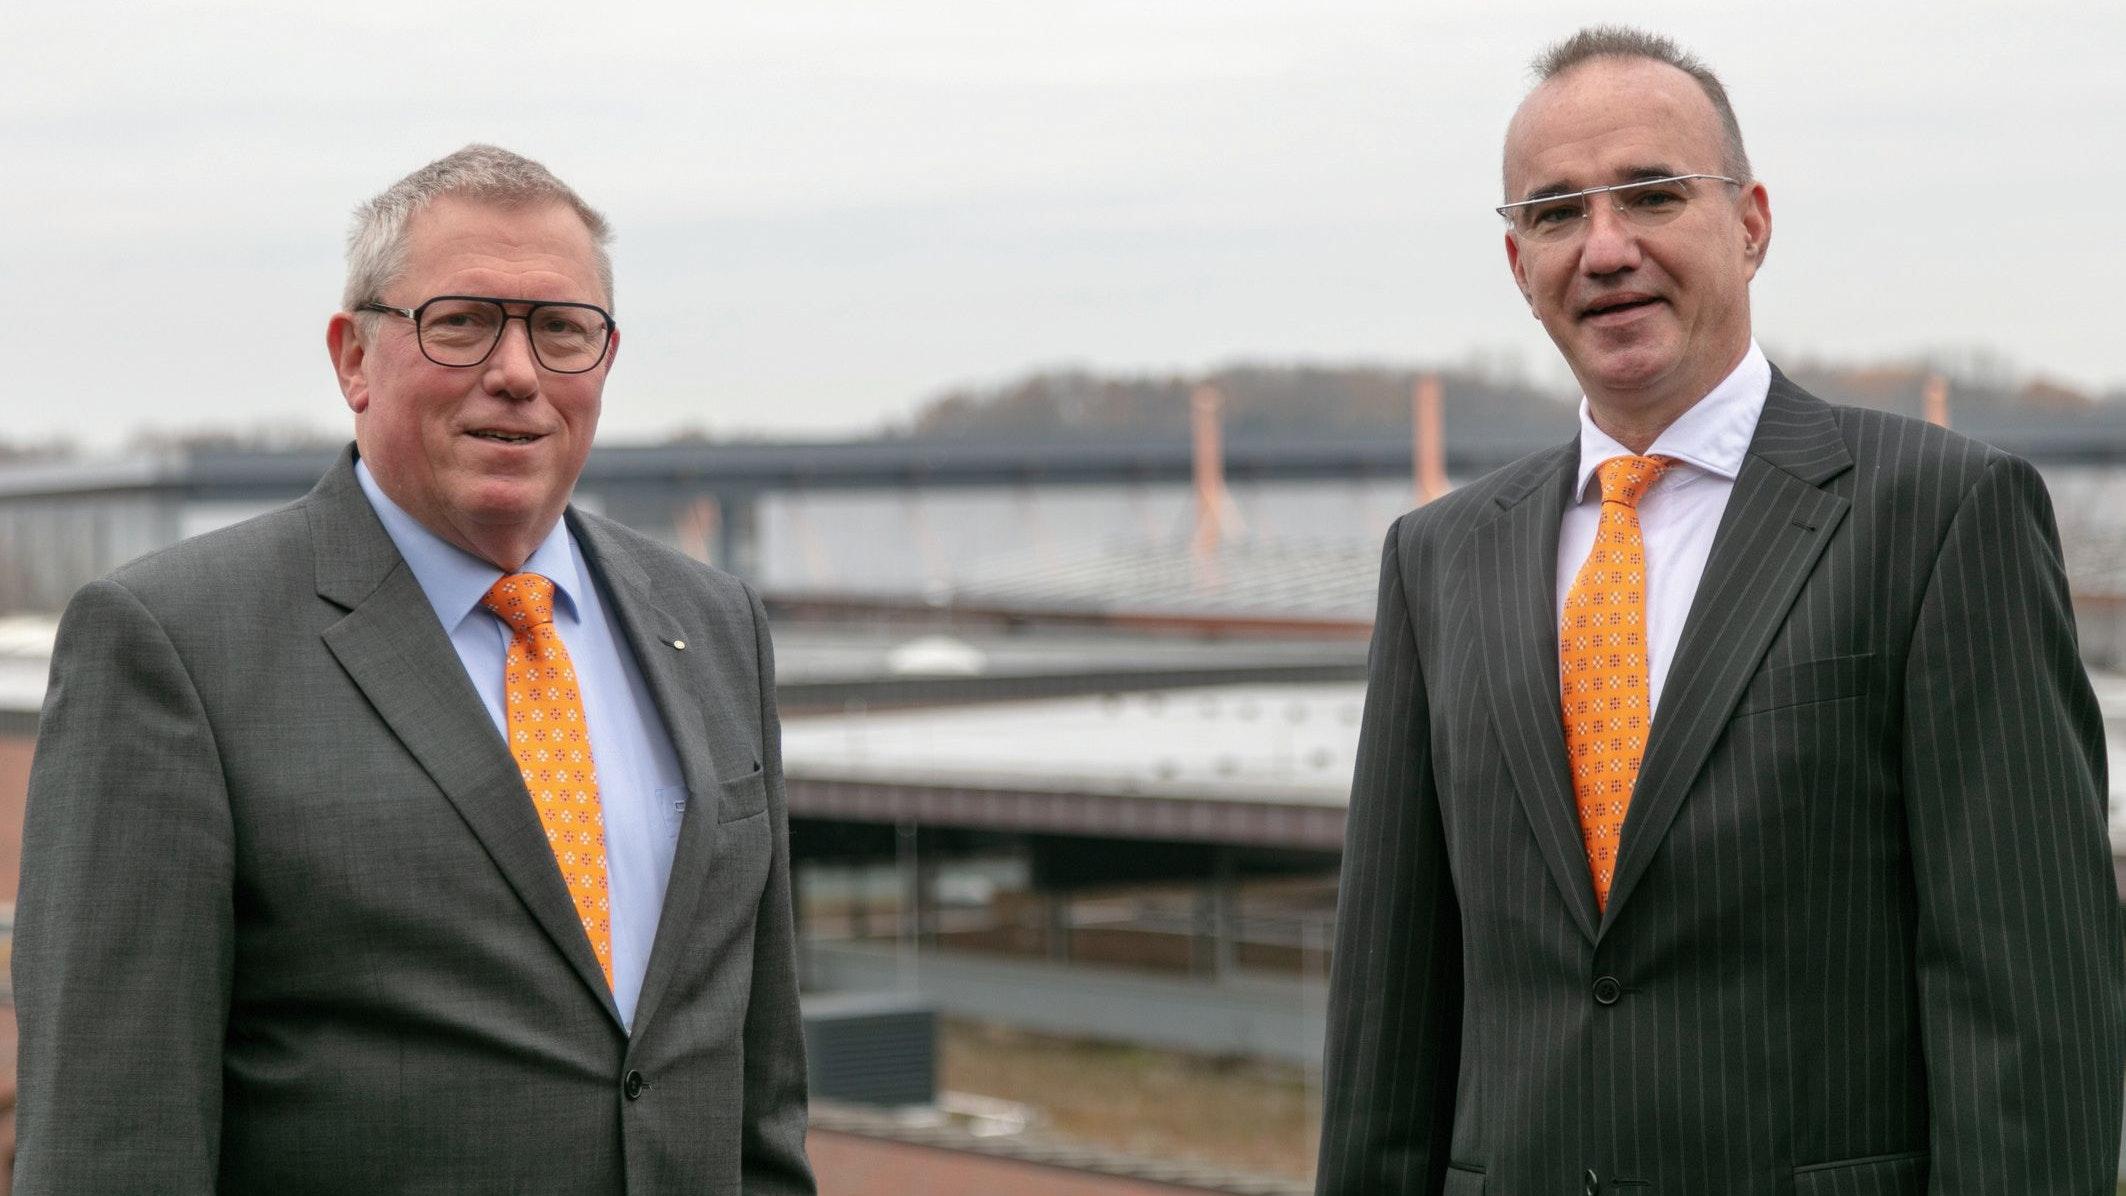 Neu in der Unternehmensspitze von Big Dutchman (Vechta-Calveslage) ist Dr.-Ingenieur Thomas Dalstein (rechts). Er folgt auf Sven Guericke (links). Foto: Böske